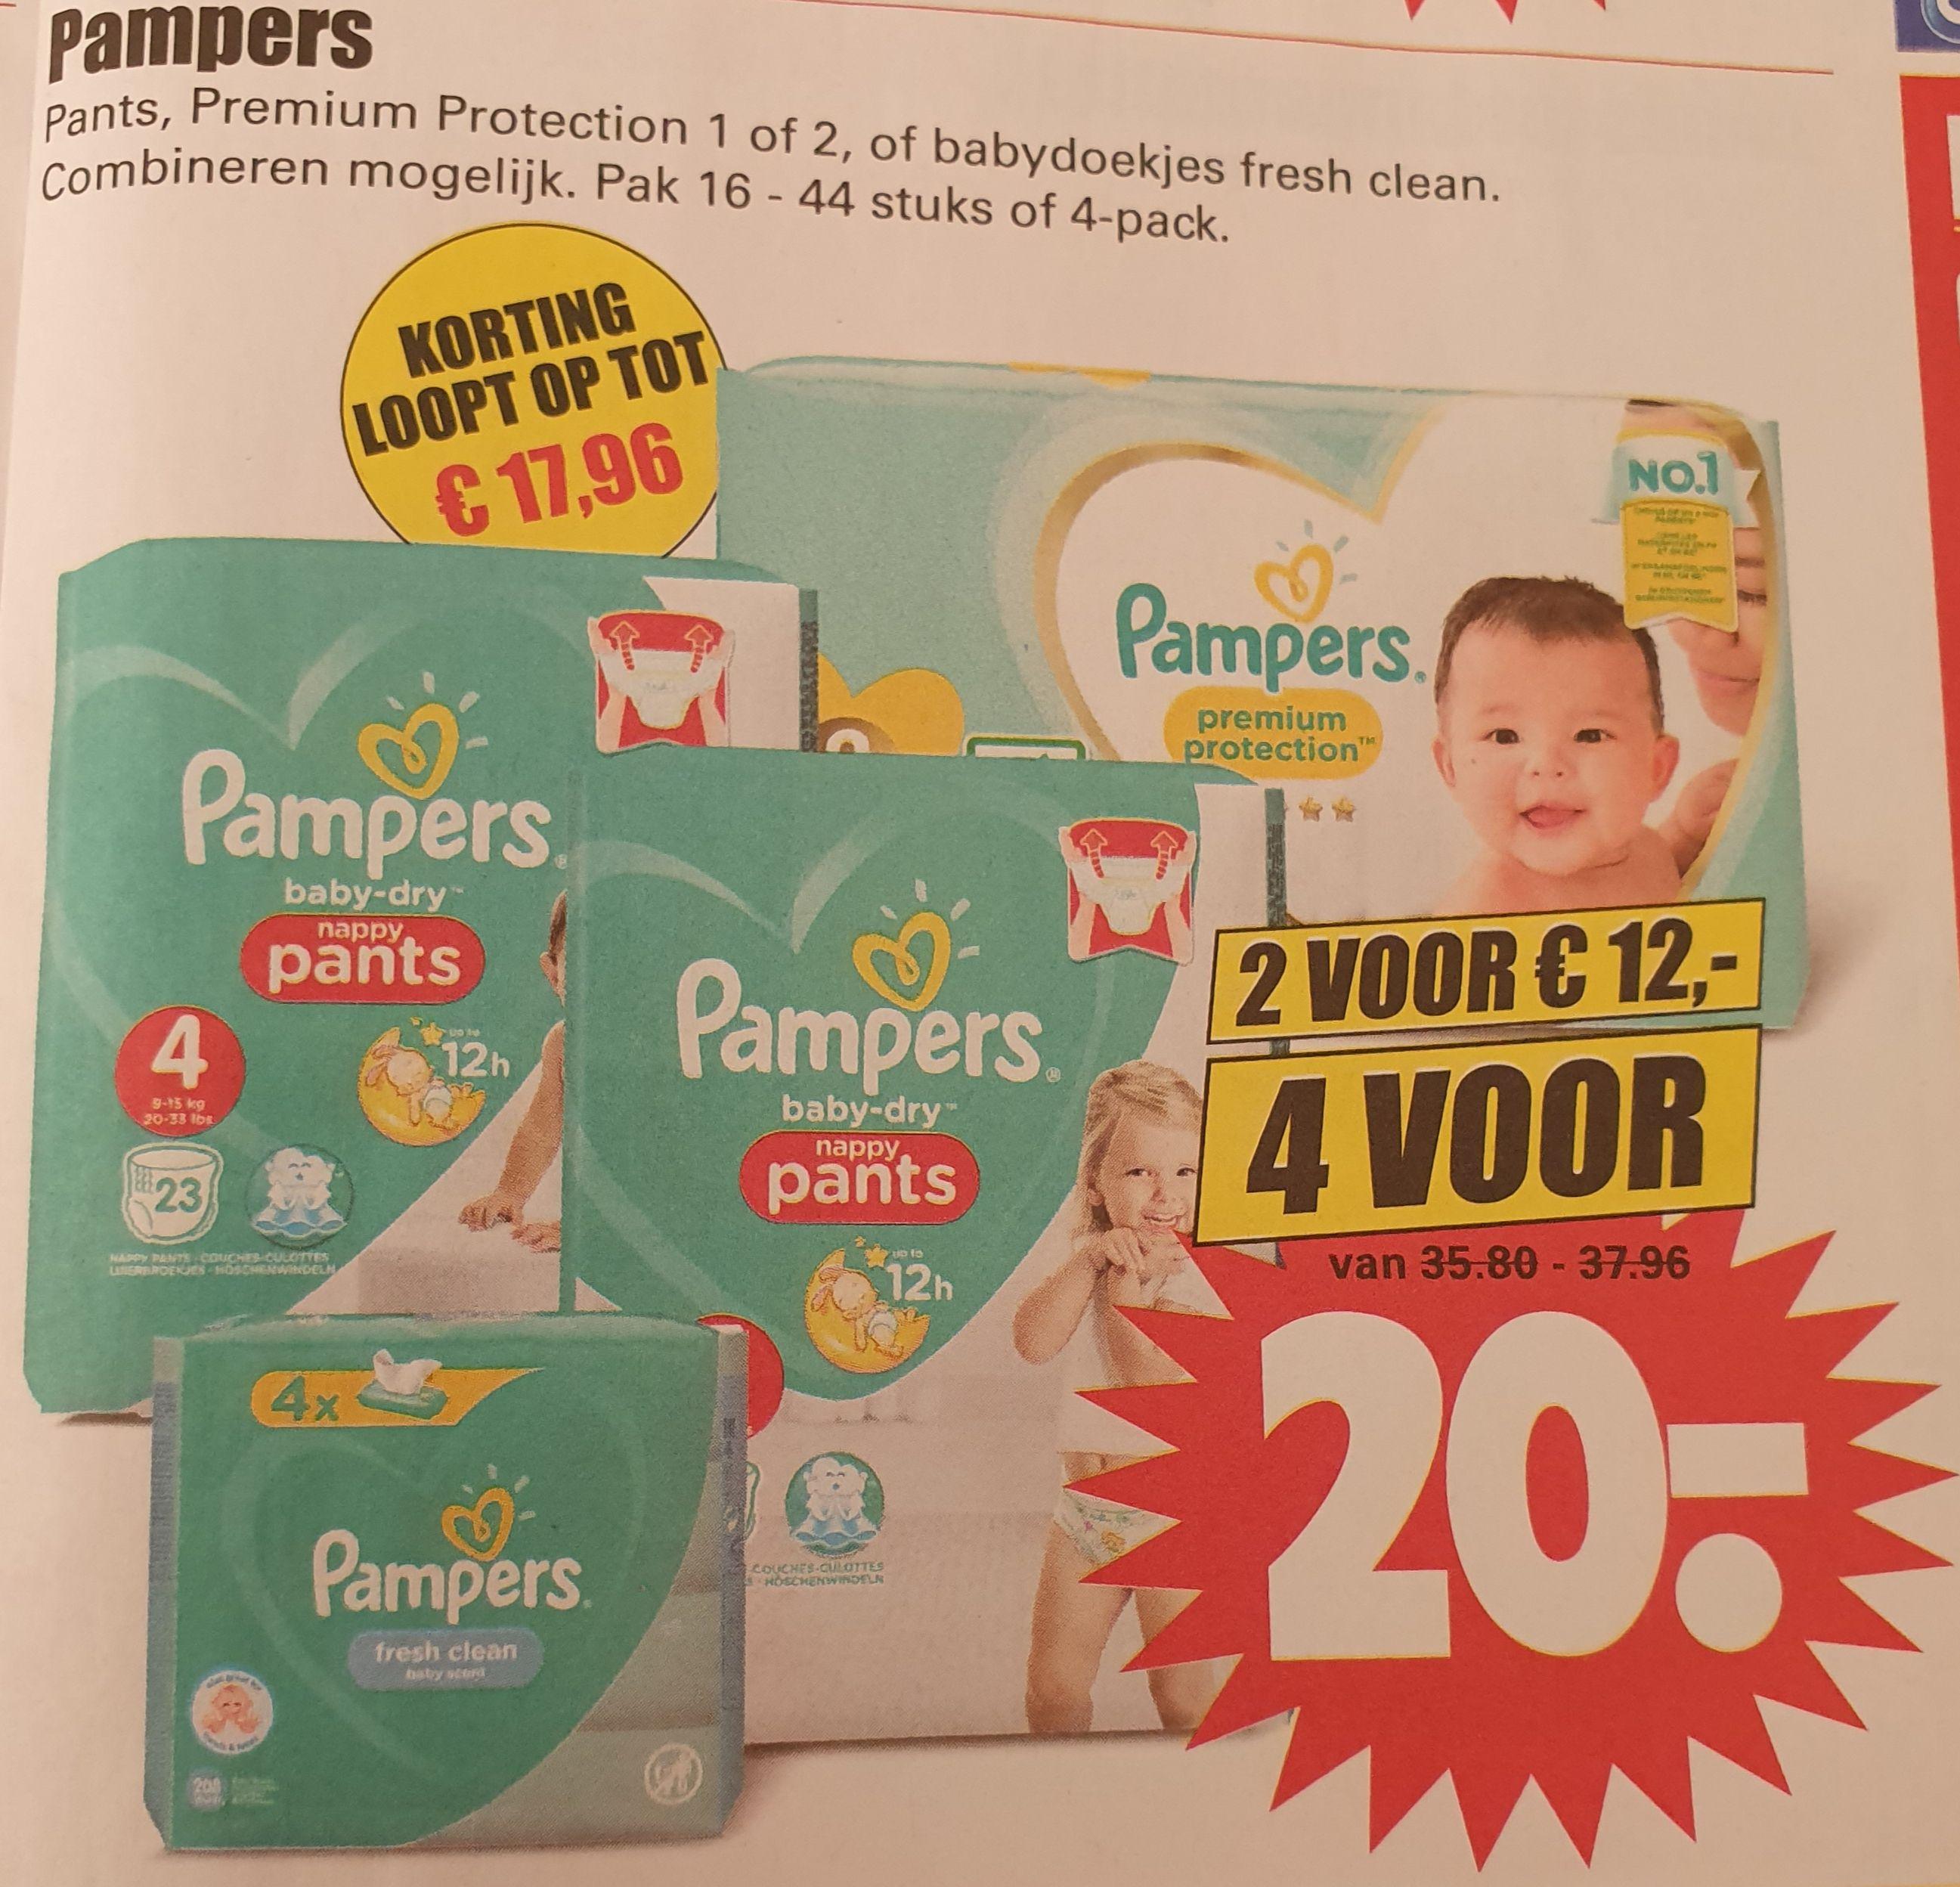 Pampers 4 voor 20 euro bij Dirk